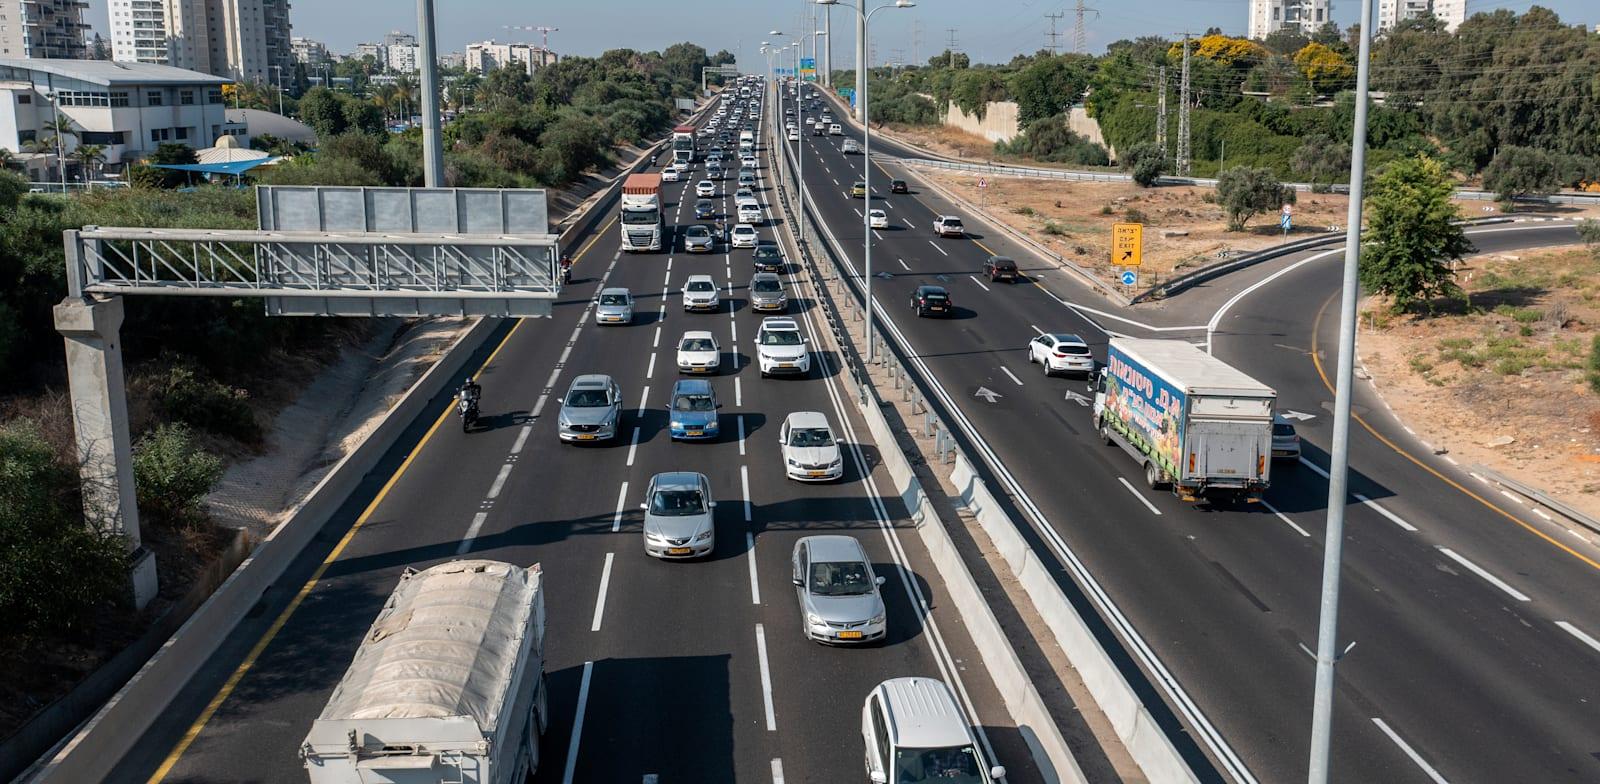 עומס תנועה. התחבורה הציבורית שלנו לא רלוונטית לחלק גדול מהאוכלוסייה / צילום: אייל פישר